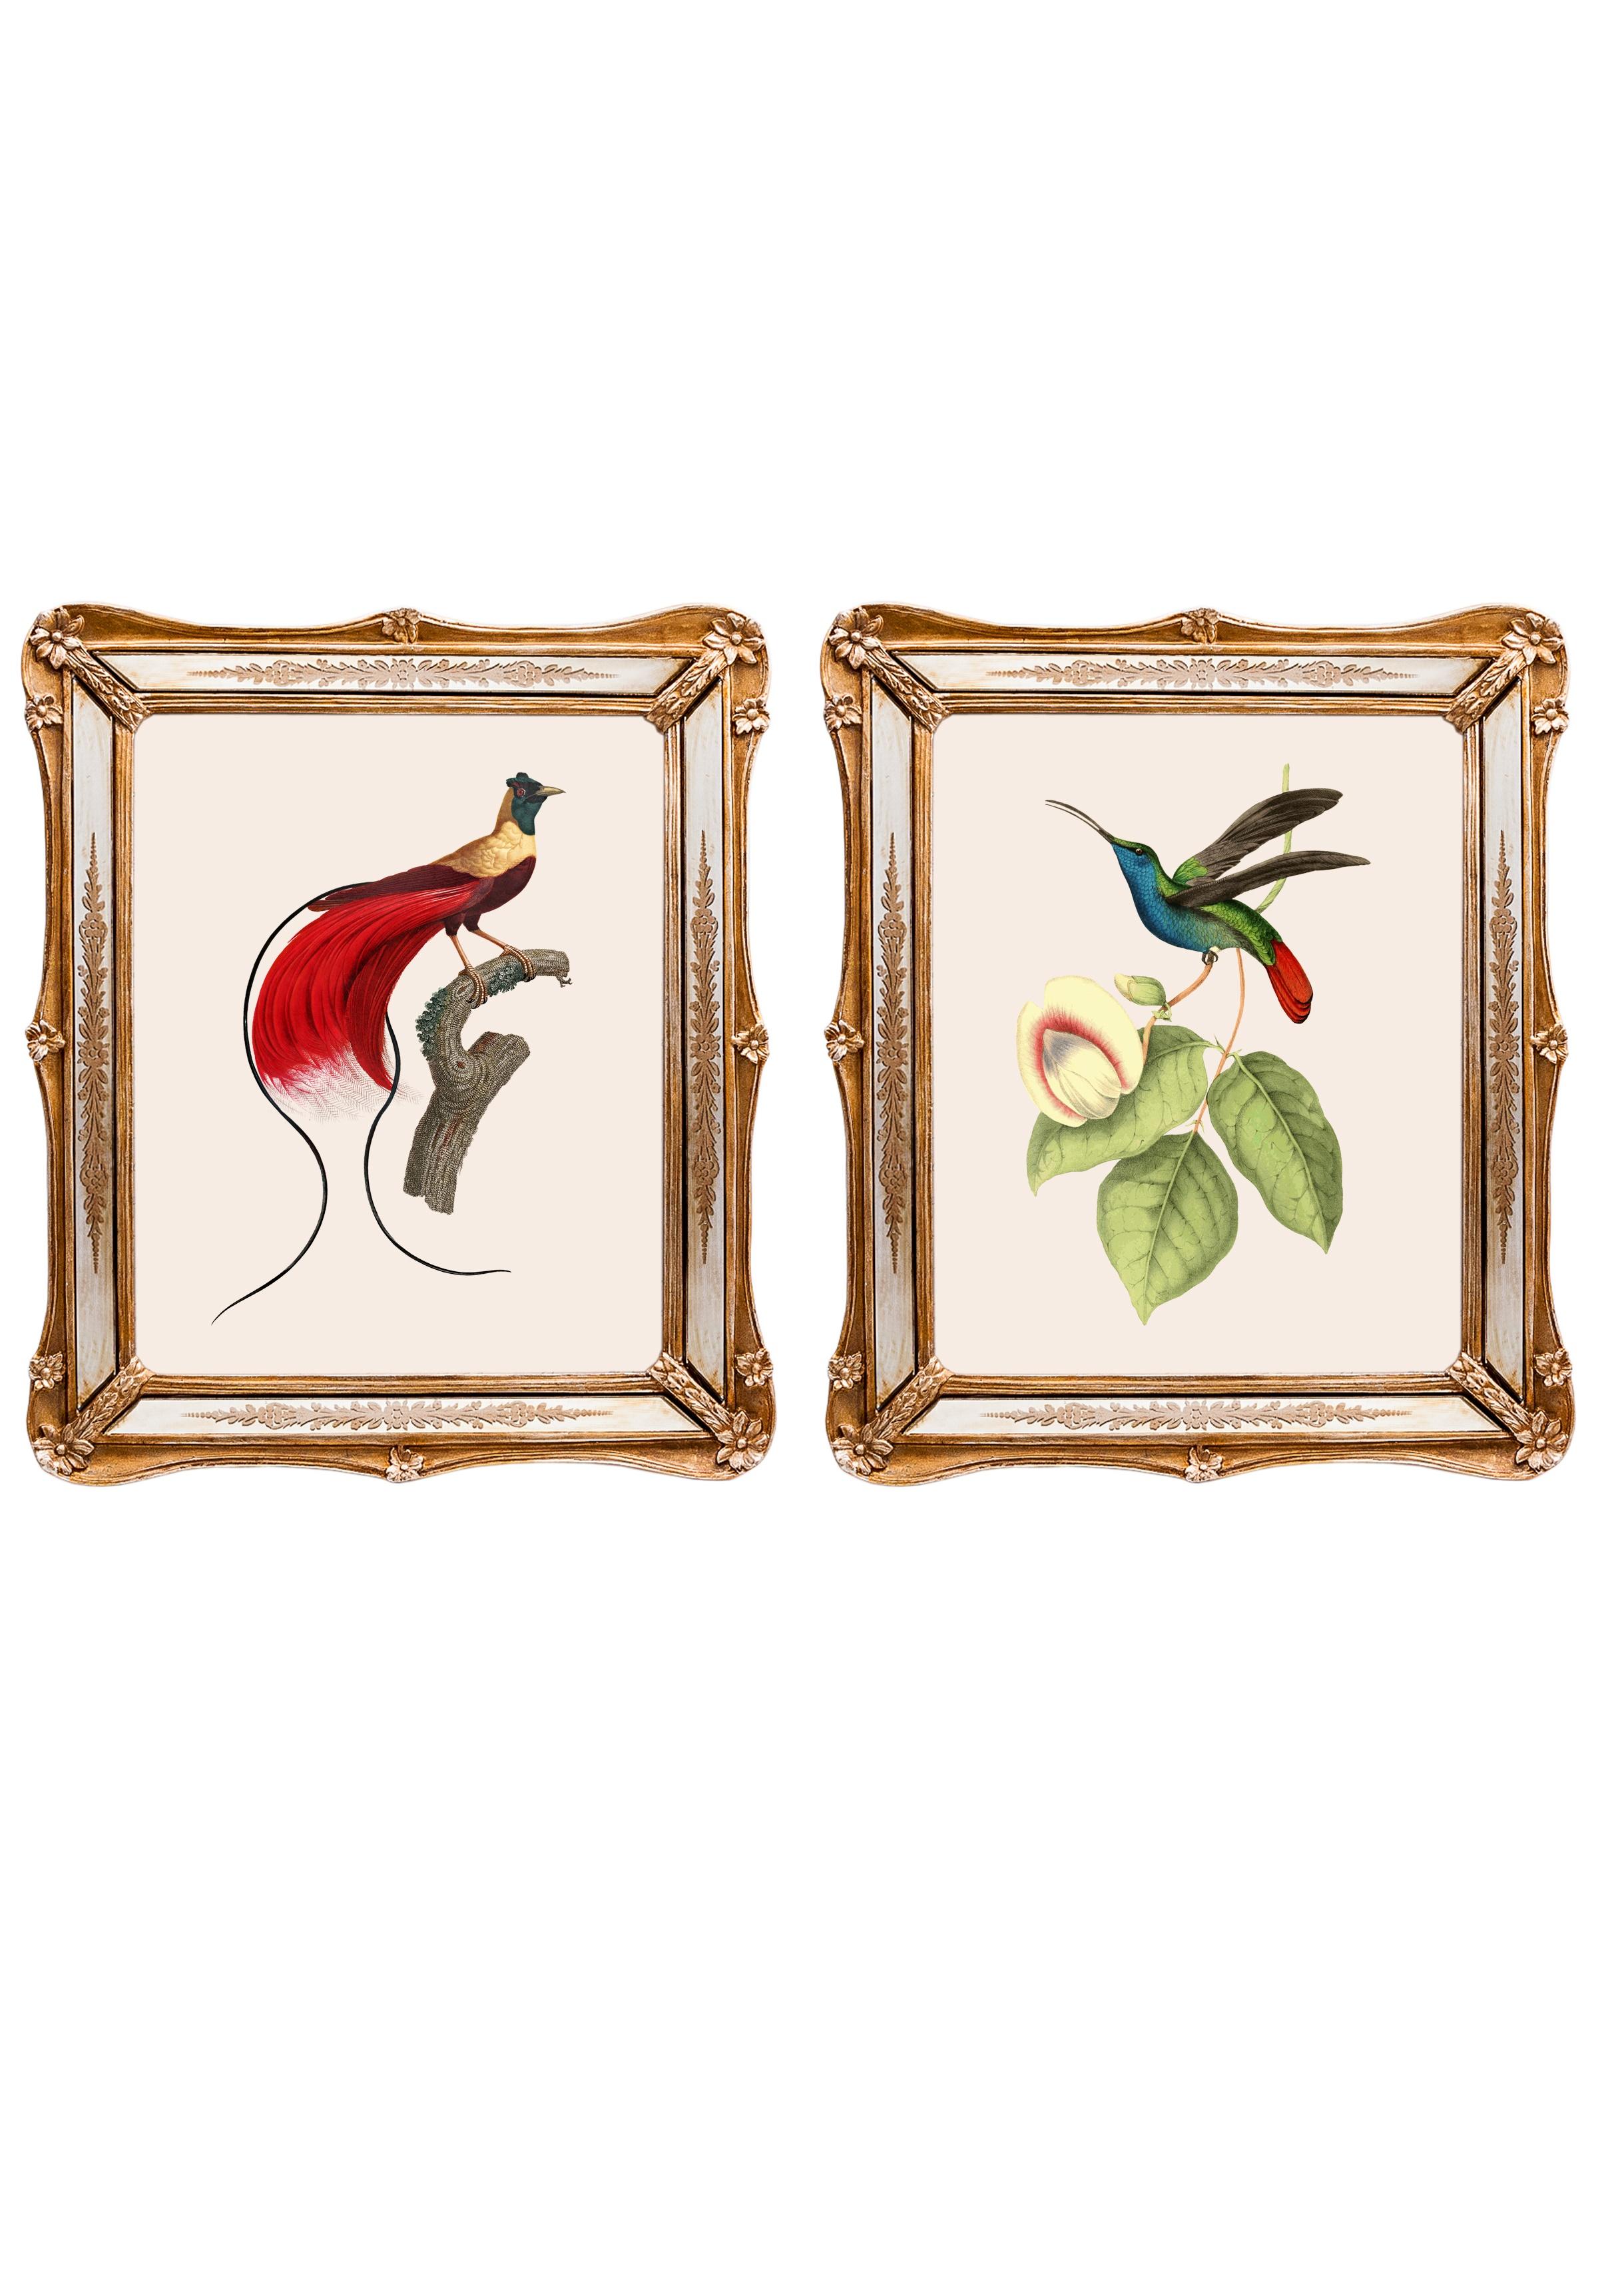 Набор из двух репродукций старинных картин в раме Софи. Дивные птицы 9Картины<br>&amp;lt;div&amp;gt;Изображения райских птиц на акварелях художников 19 века завораживают. Репродукции этих изображений, обрамленные в великолепные и необычные рамы с зеркальными вставками, станут подлинной драгоценностью Вашей комнаты! Картины можно повесить на стену, а можно поставить, например, на стол или камин. Защитный стеклянный слой сохранит изображение от воздействий окружающей среды. Если Вам захочется обновить интерьер, Вы можете с легкостью заменить изображение картины!&amp;lt;/div&amp;gt;&amp;lt;div&amp;gt;Изображение - дизайнерская бумага; рама - искуственный камень, зеркальные вставки; защитный слой - стекло&amp;amp;nbsp;&amp;lt;/div&amp;gt;&amp;lt;div&amp;gt;цвет:мультиколор&amp;amp;nbsp;&amp;lt;/div&amp;gt;<br><br>Material: Бумага<br>Width см: 26,5<br>Depth см: 2<br>Height см: 30,5